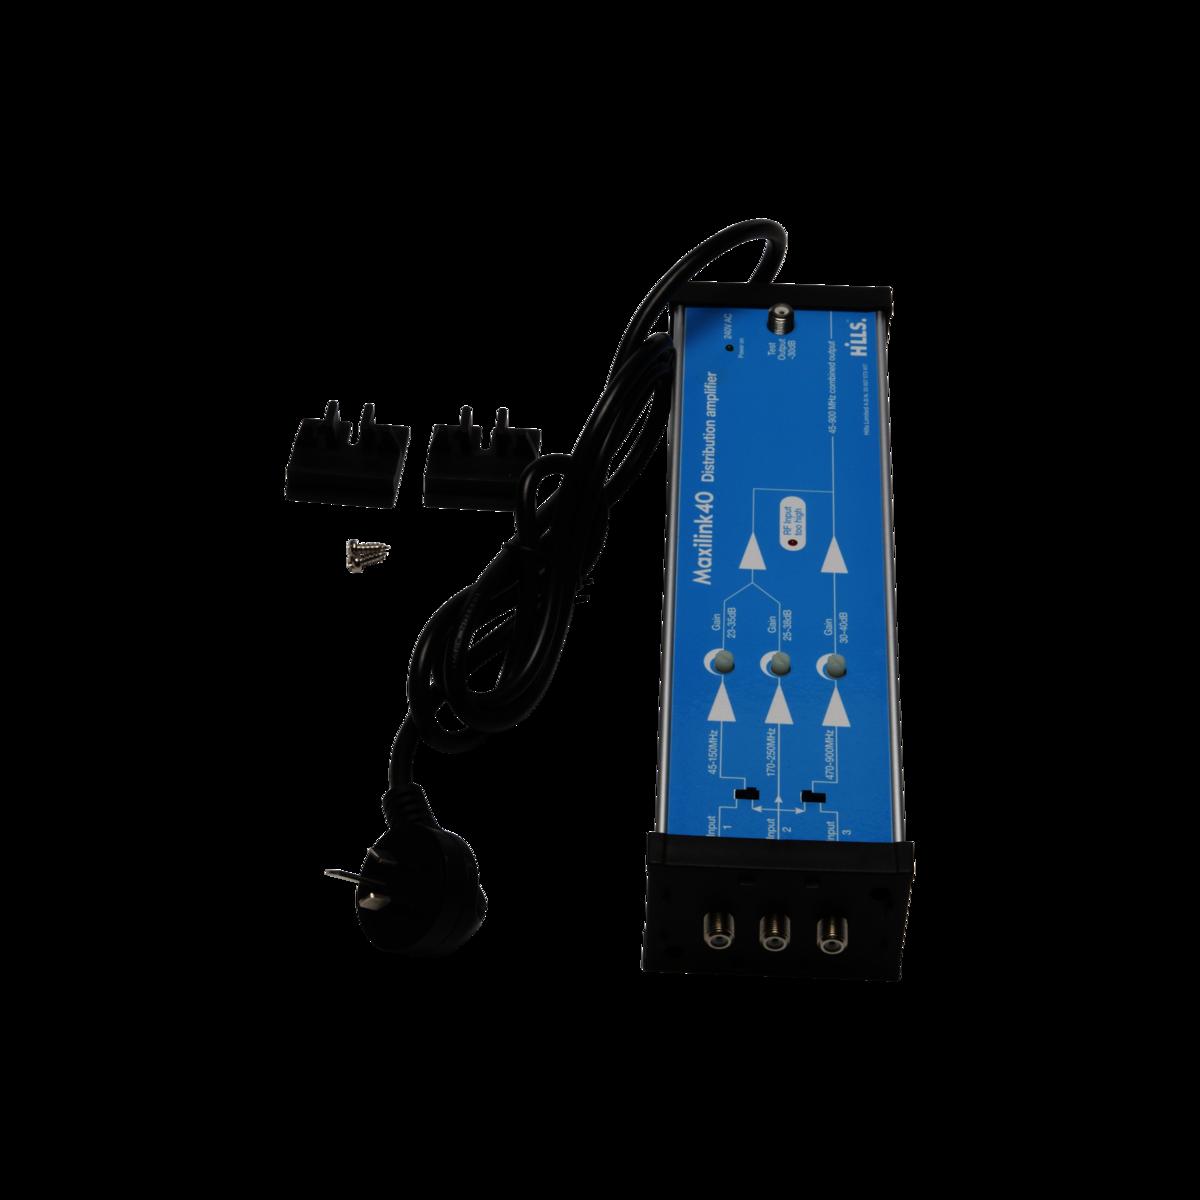 FC658005C_6